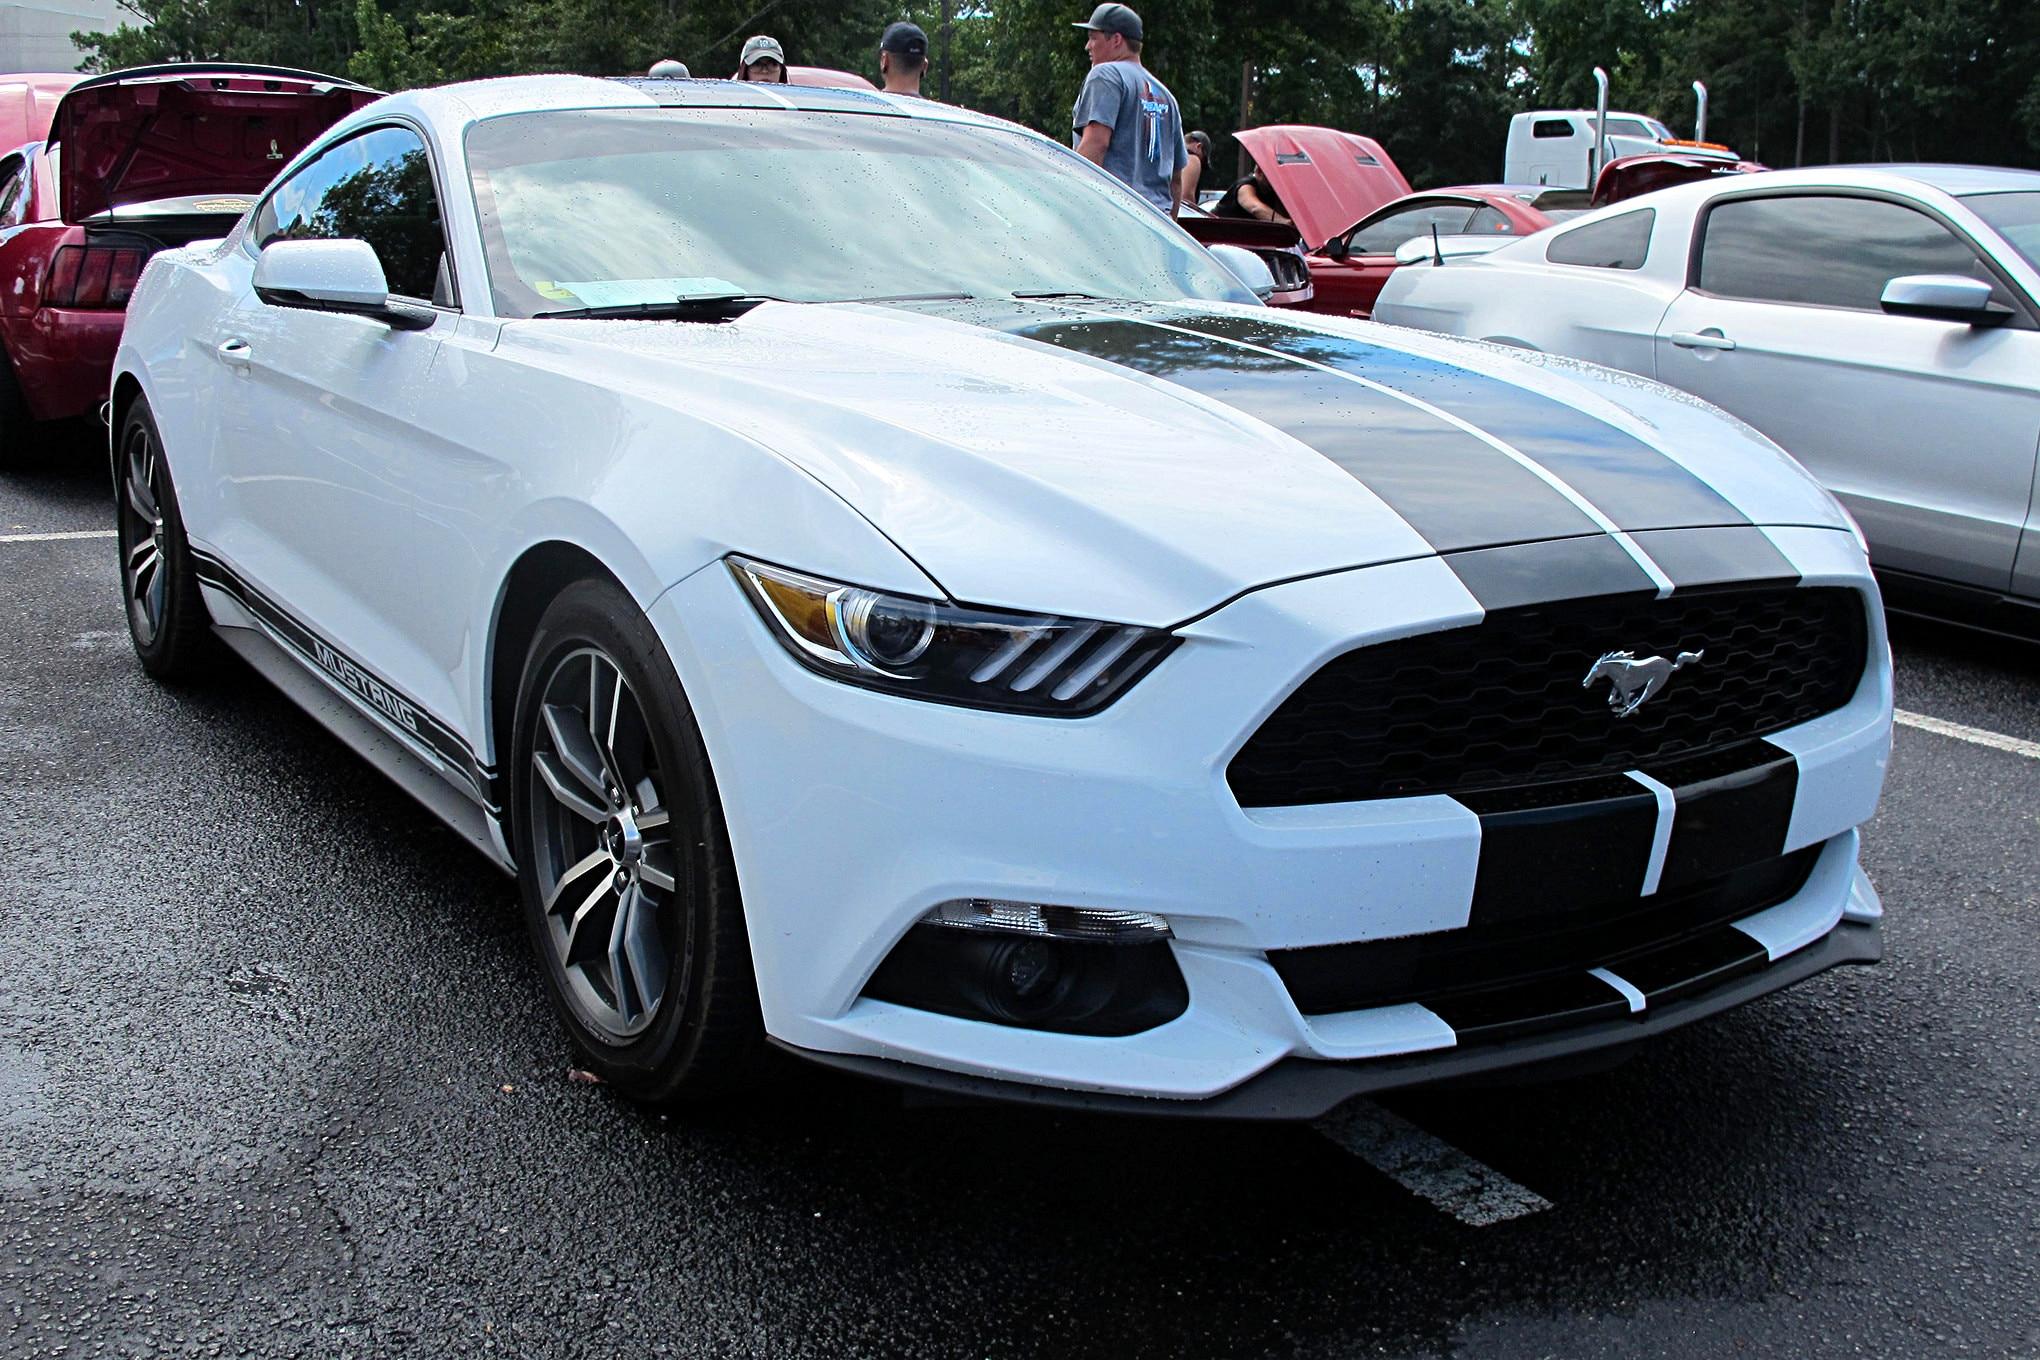 010 2018 Mustang Week S550 Mustangs